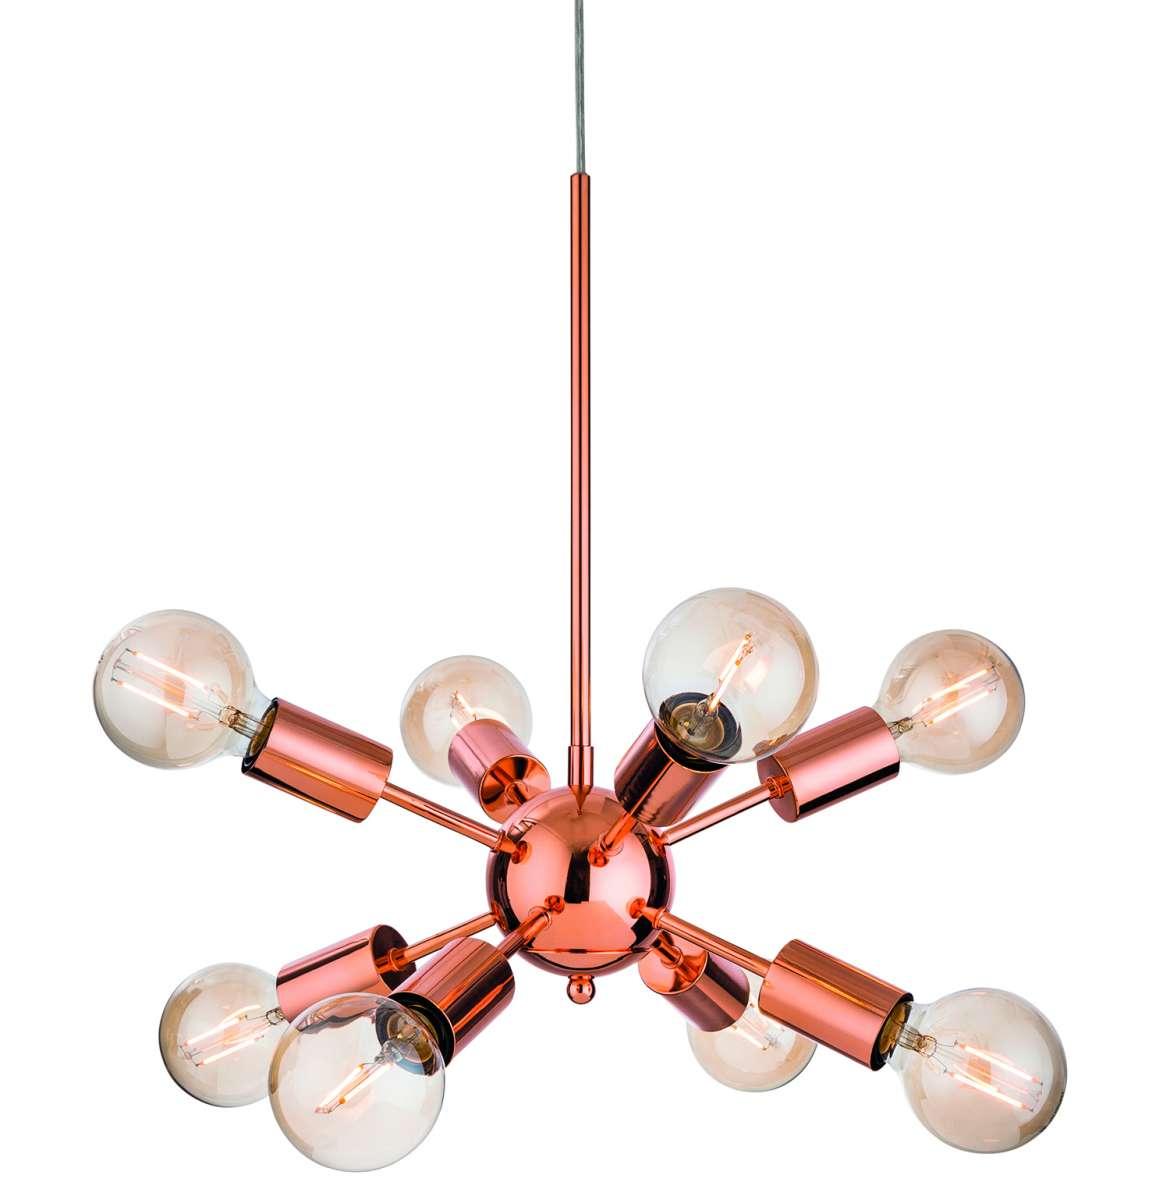 Alfa 8 Light Pendant in Copper Finish